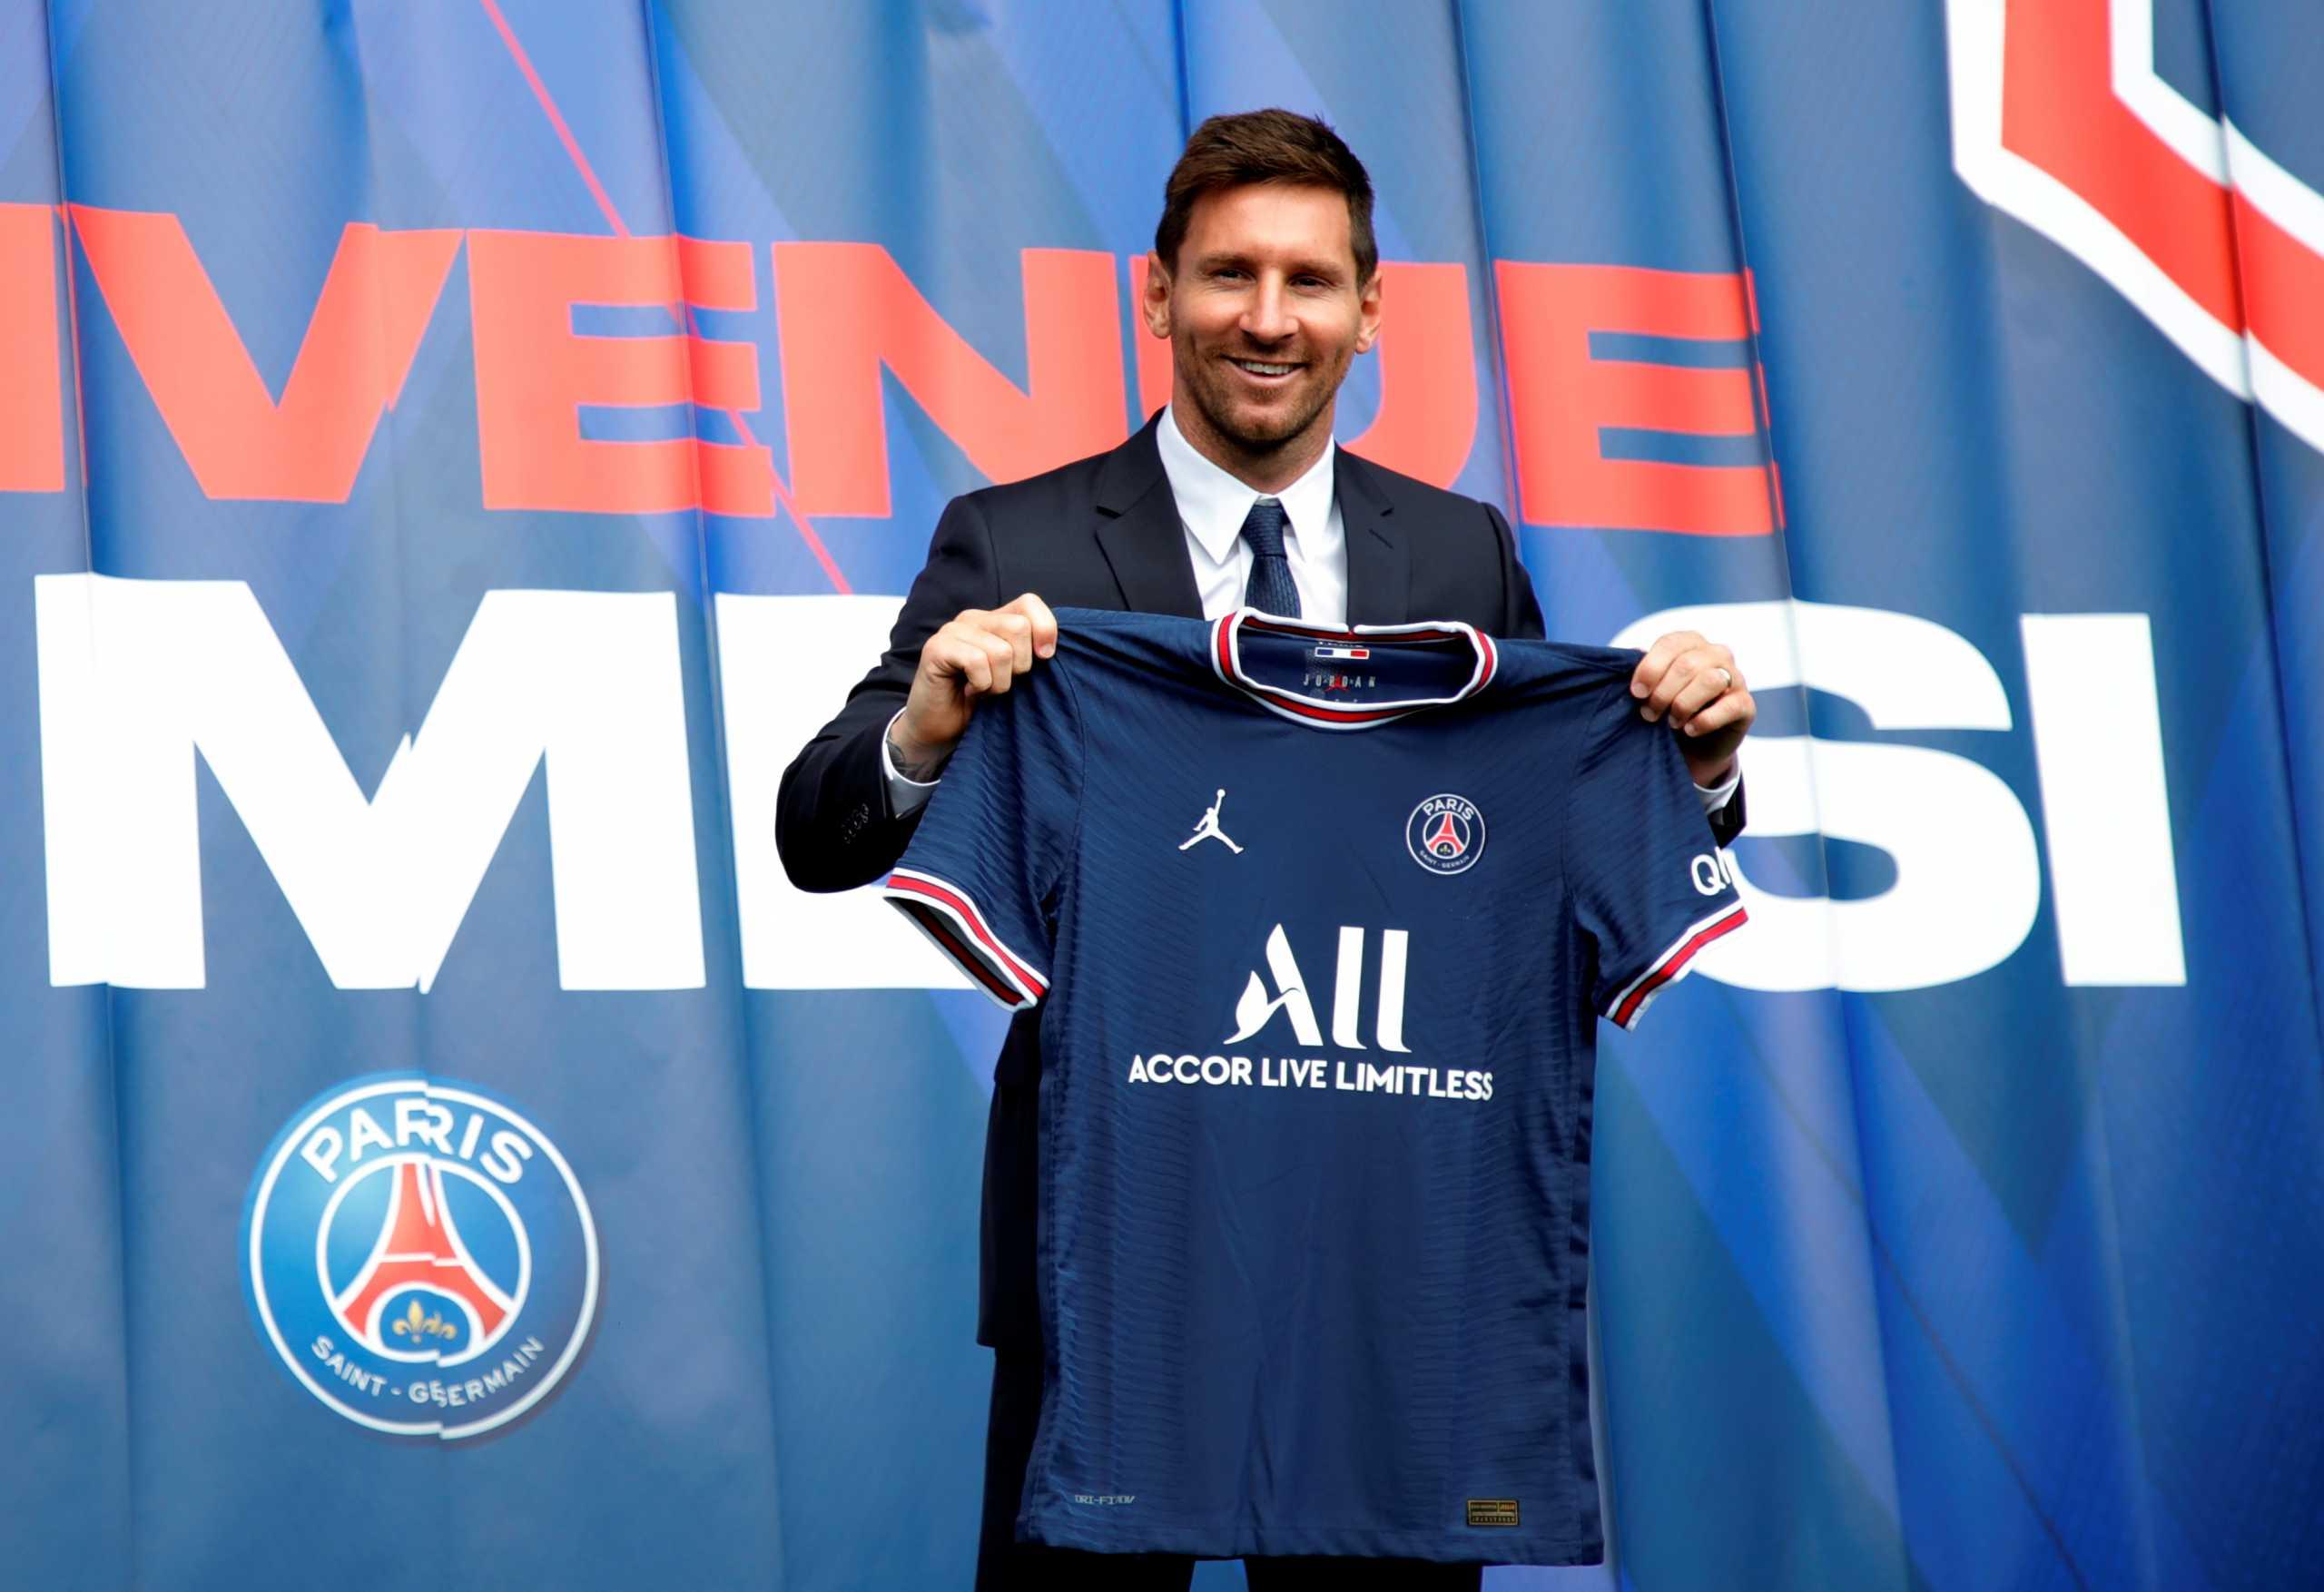 Το ντεμπούτο του Λιονέλ Μέσι με την Παρί «κλείδωσε» για την 4η αγωνιστική του πρωταθλήματος Γαλλίας